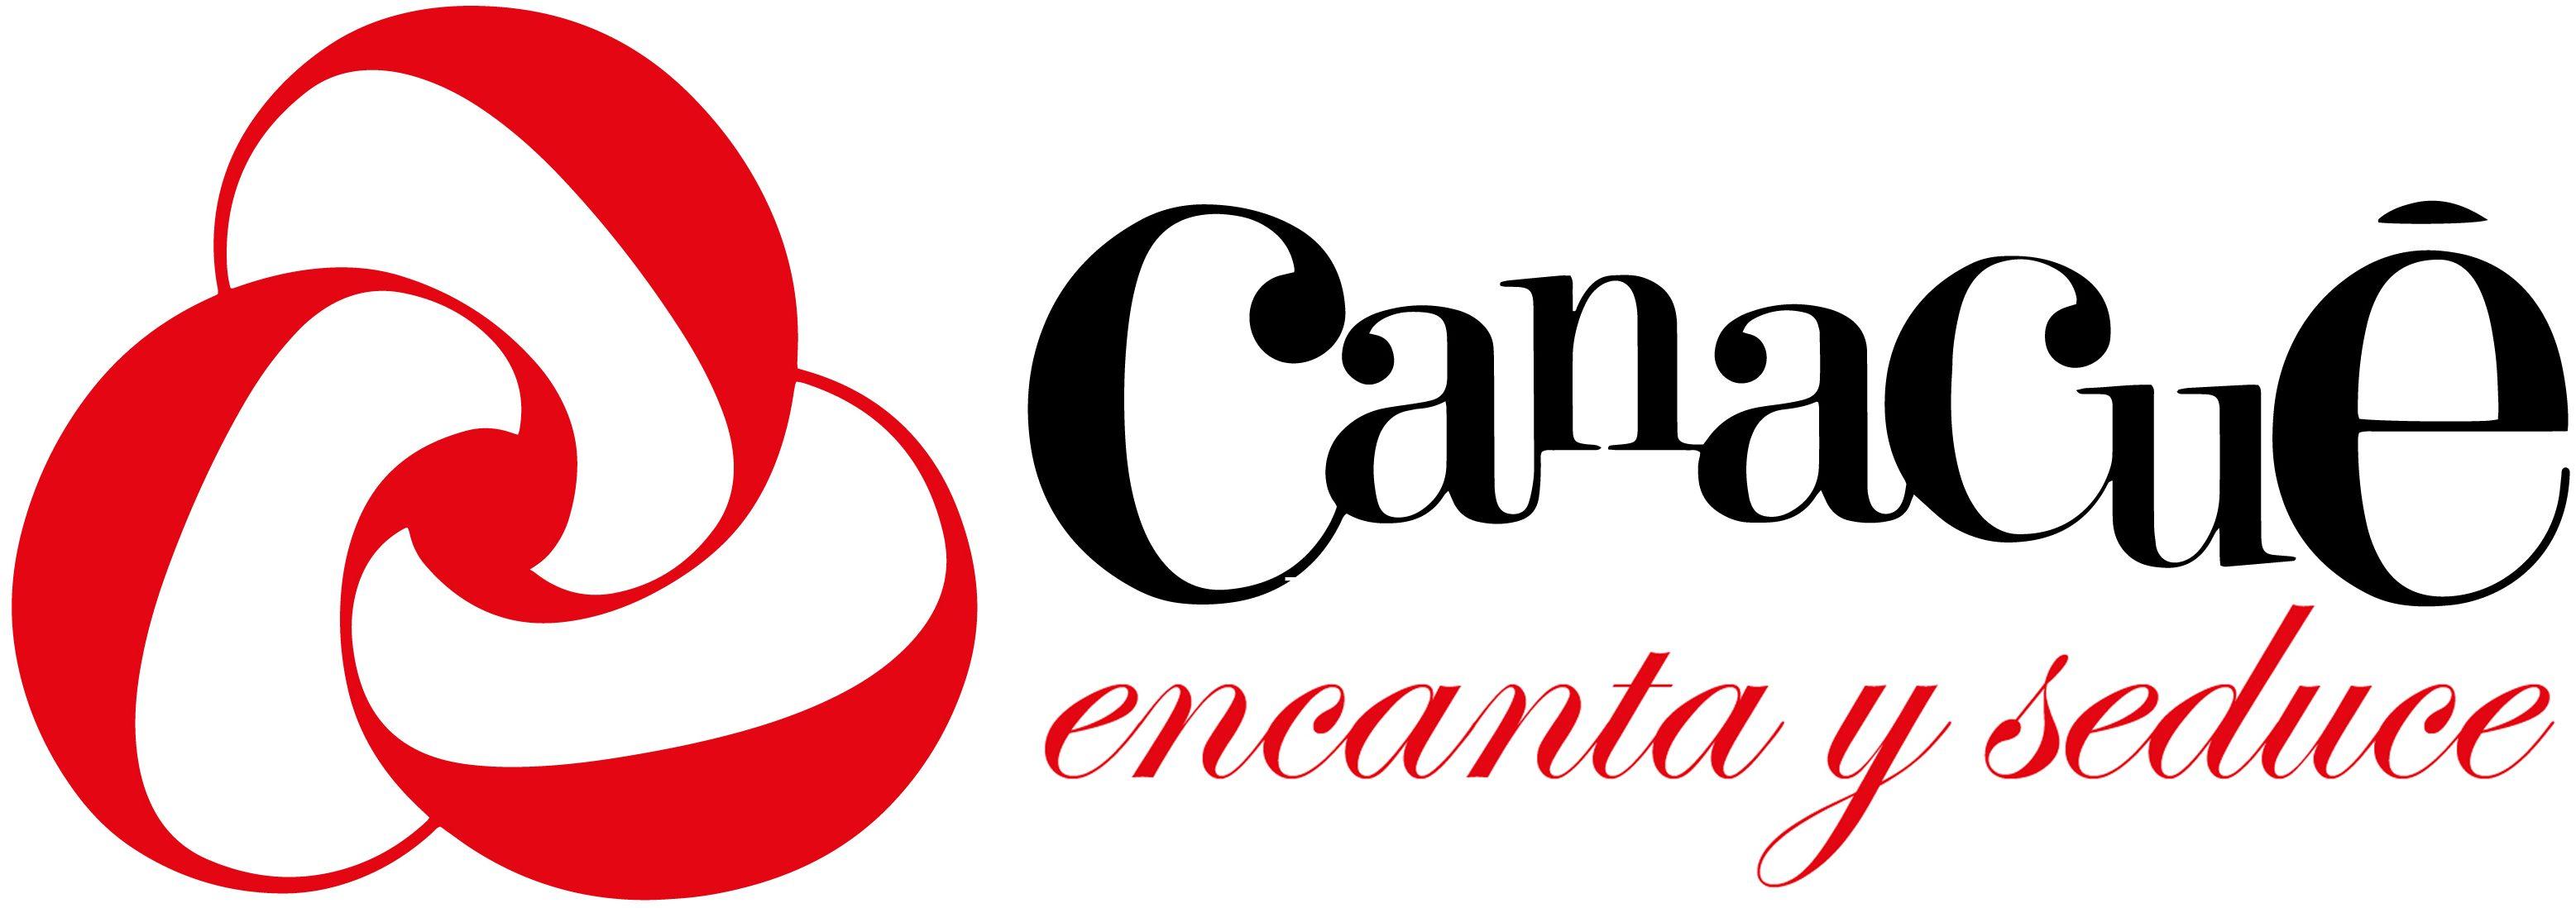 Canacue – Tienda Virtual